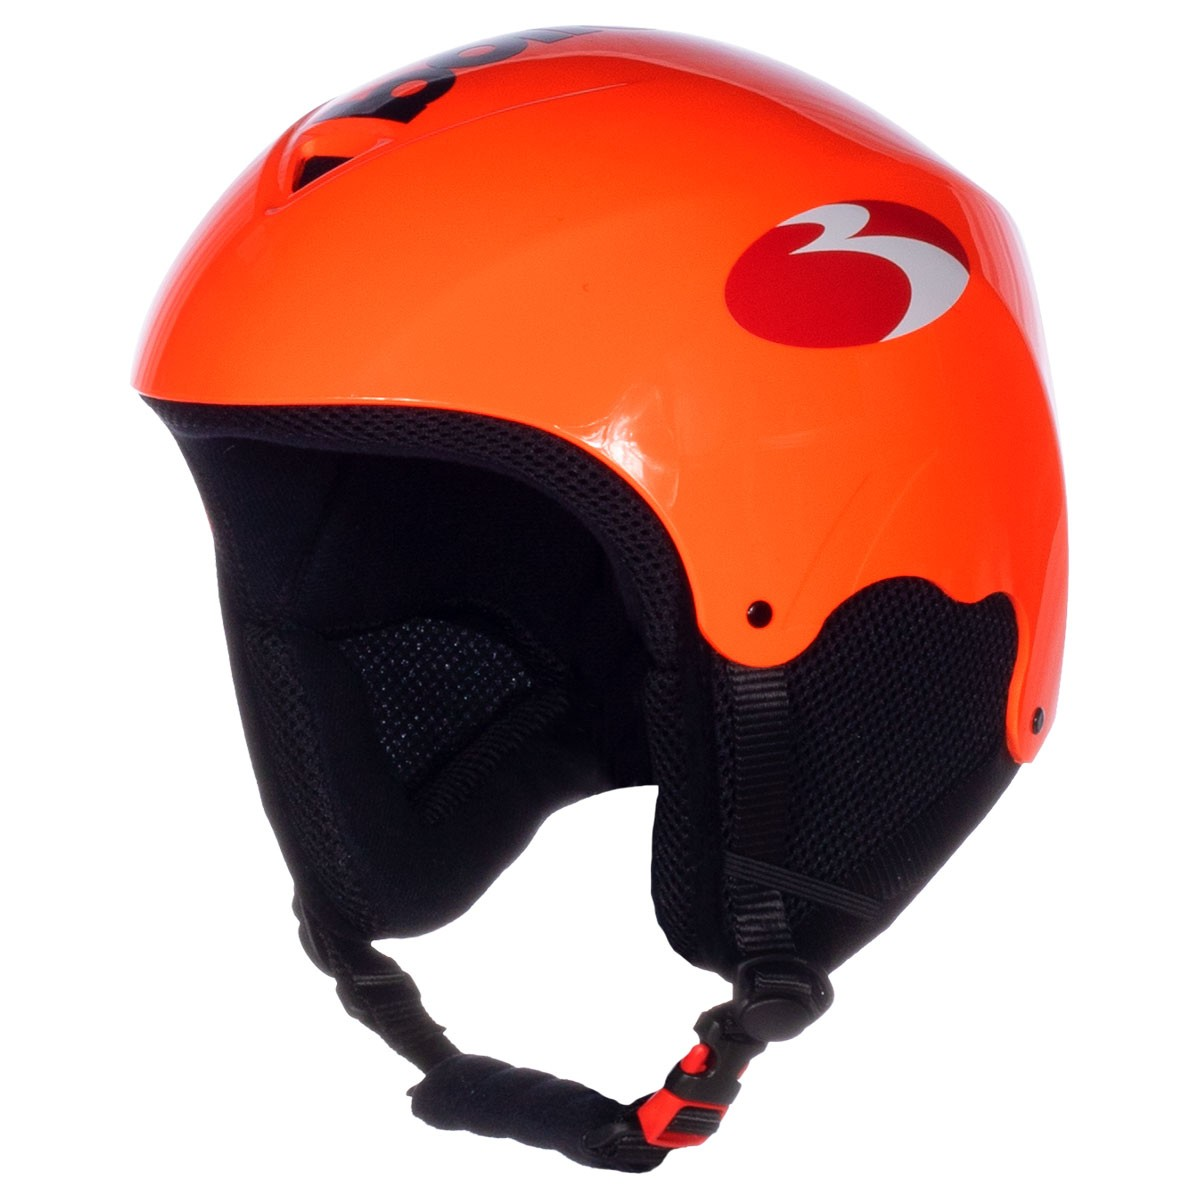 Casco sci Bottero Ski Pads (Colore: ORANGE FLUO, Taglia: 52/54)